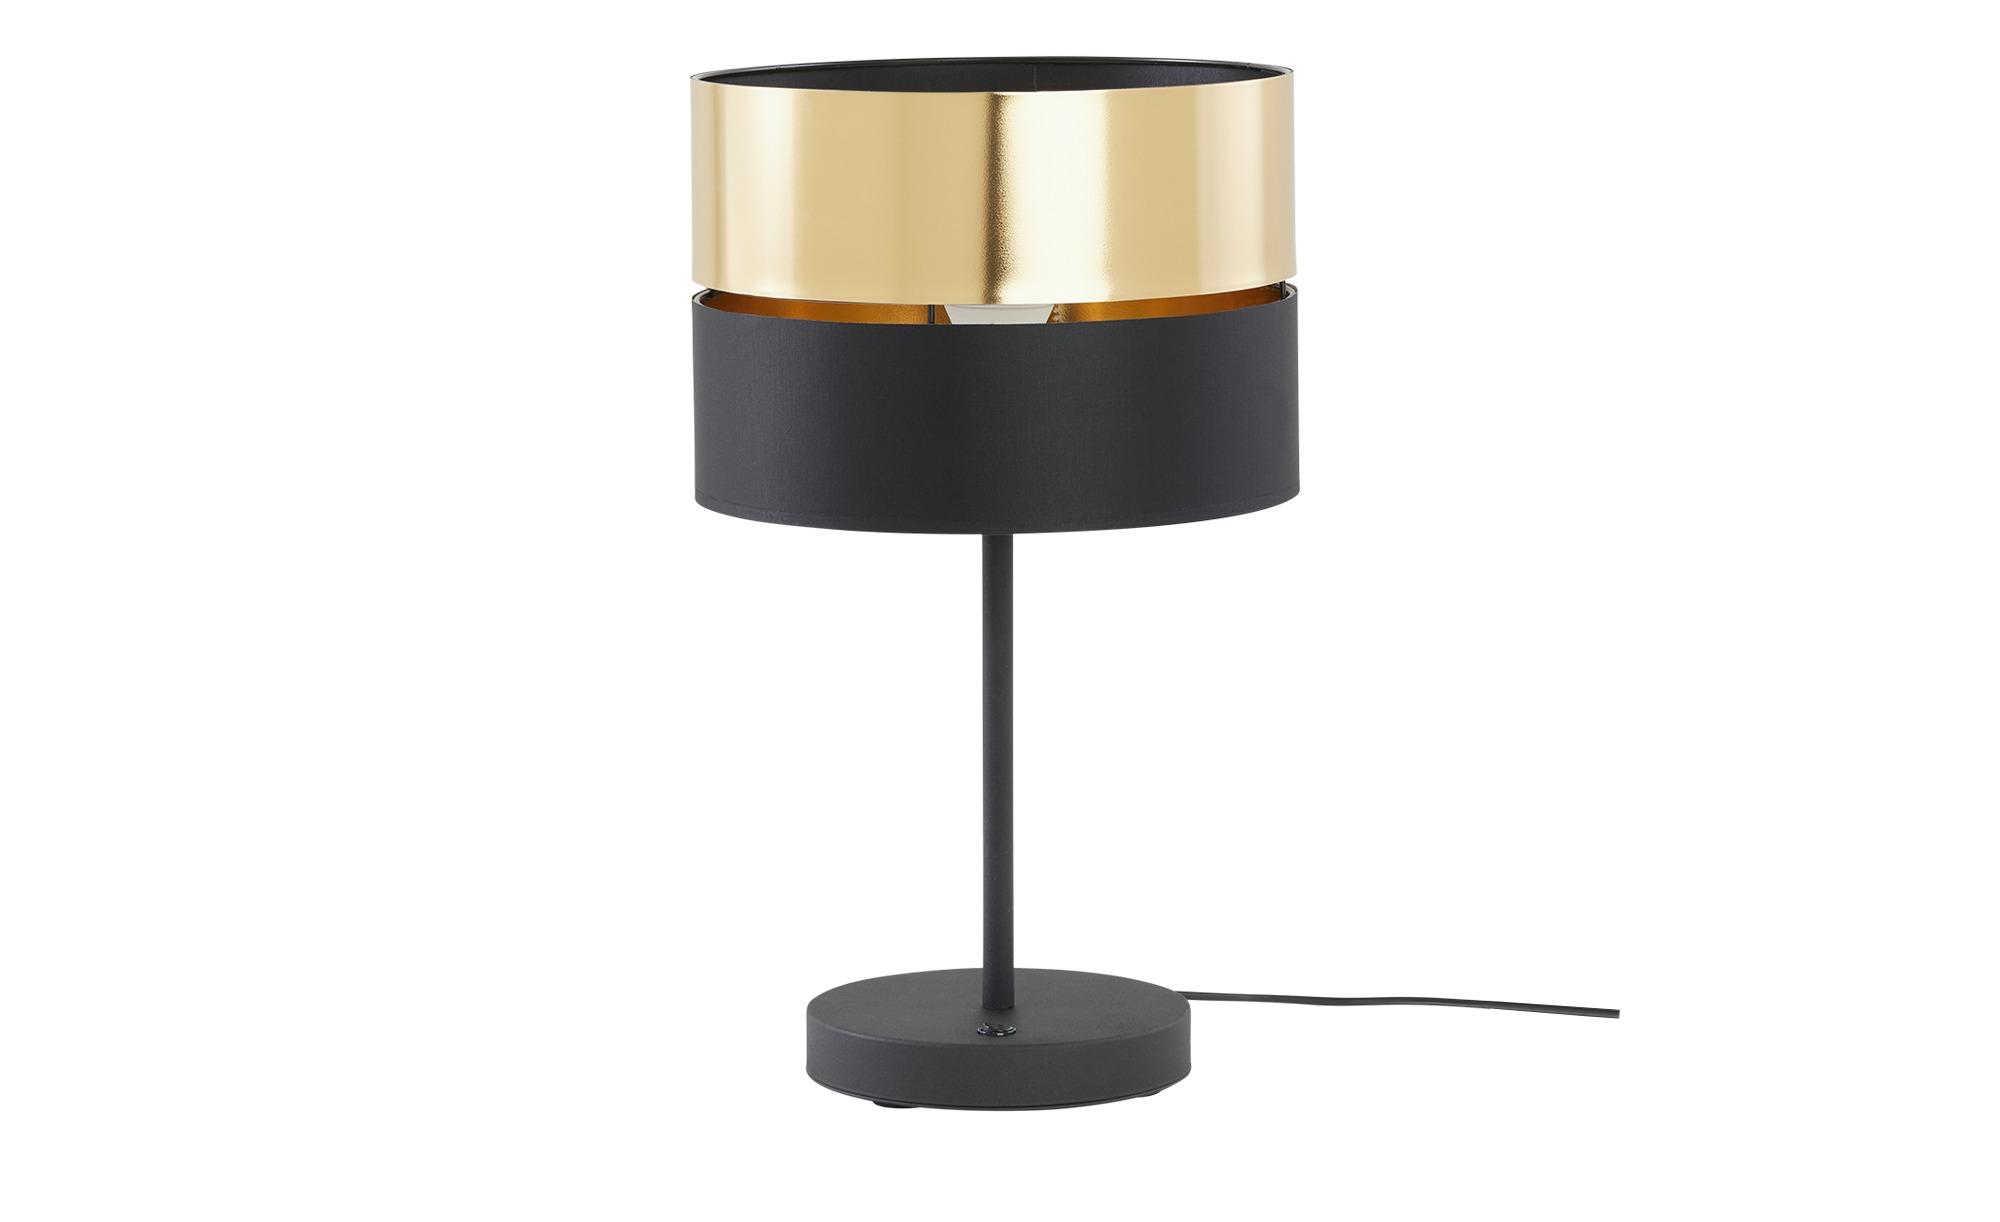 Tischleuchte, 1-flammig, schwarz/gold ¦ schwarz ¦ Maße (cm): H: 30 Ø: 30 Lampen & Leuchten > Innenleuchten > Tischlampen - Höffner